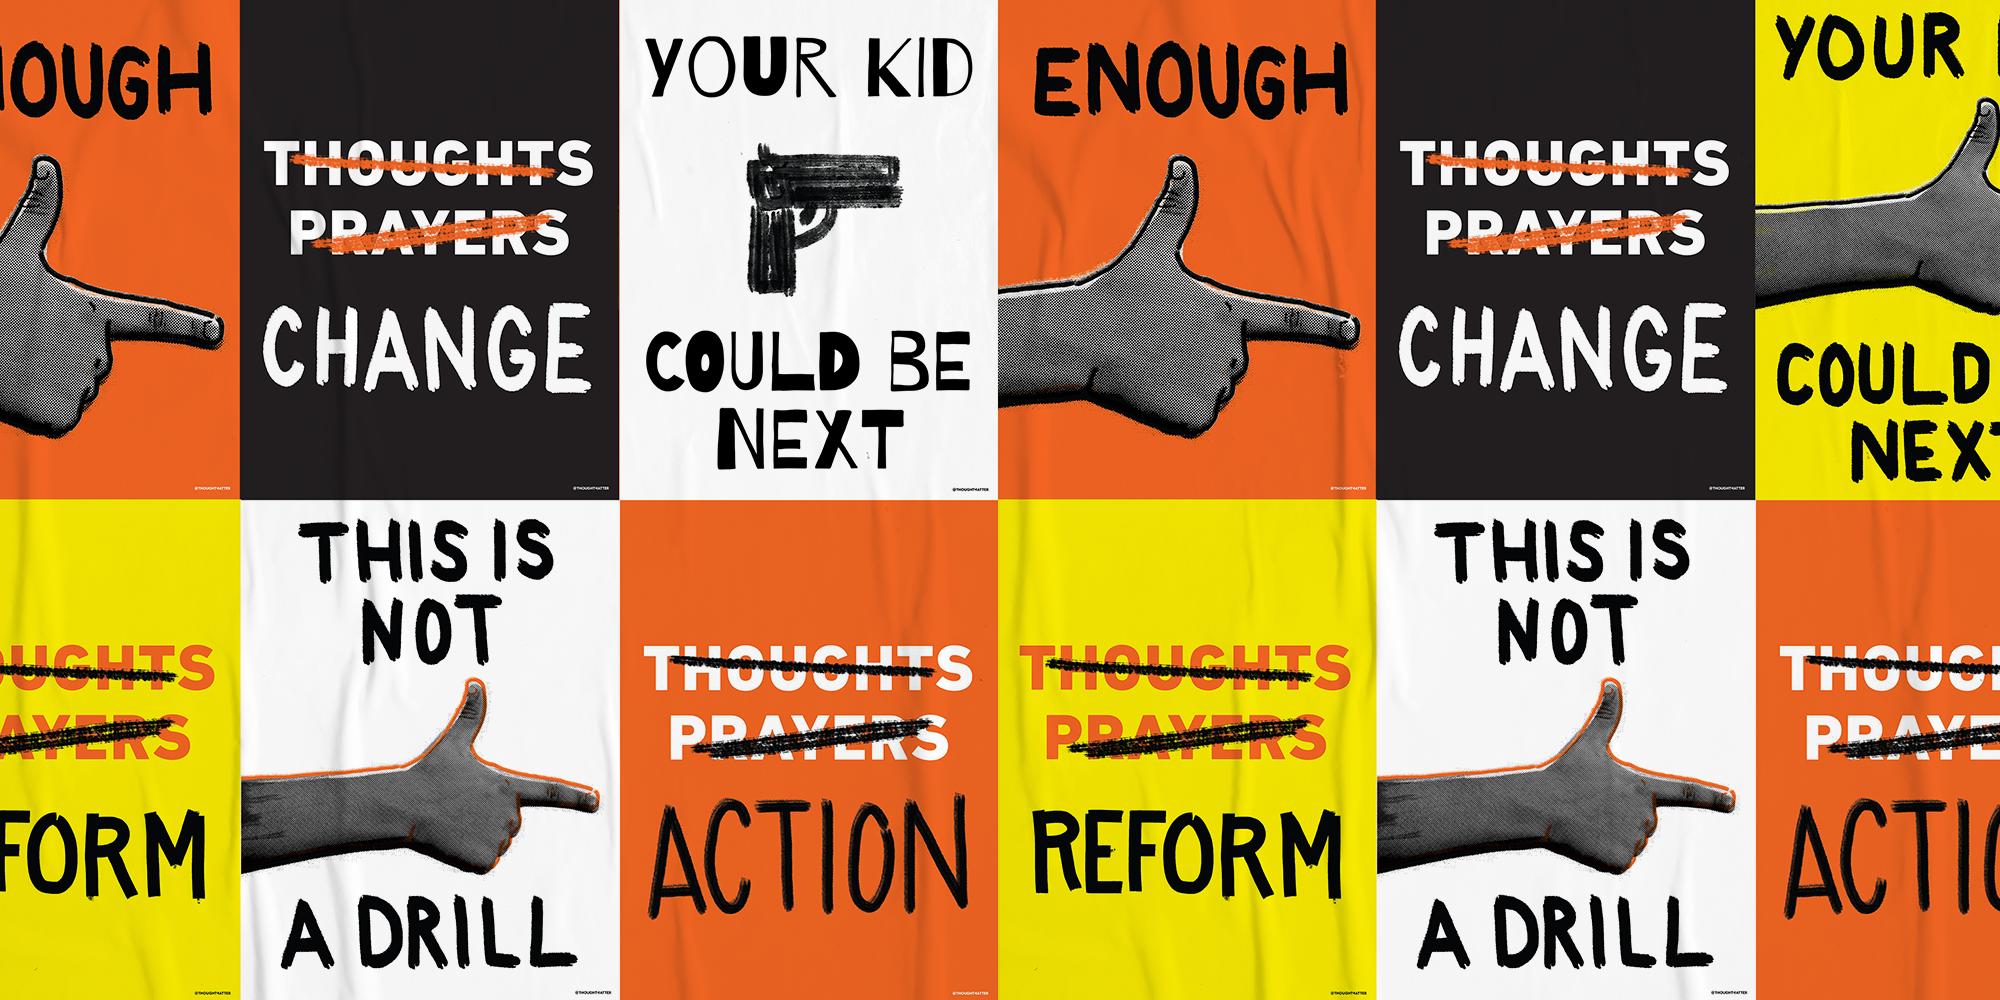 TM_CaseStudy_Activism_MFOL_Posters_v1_MB.png